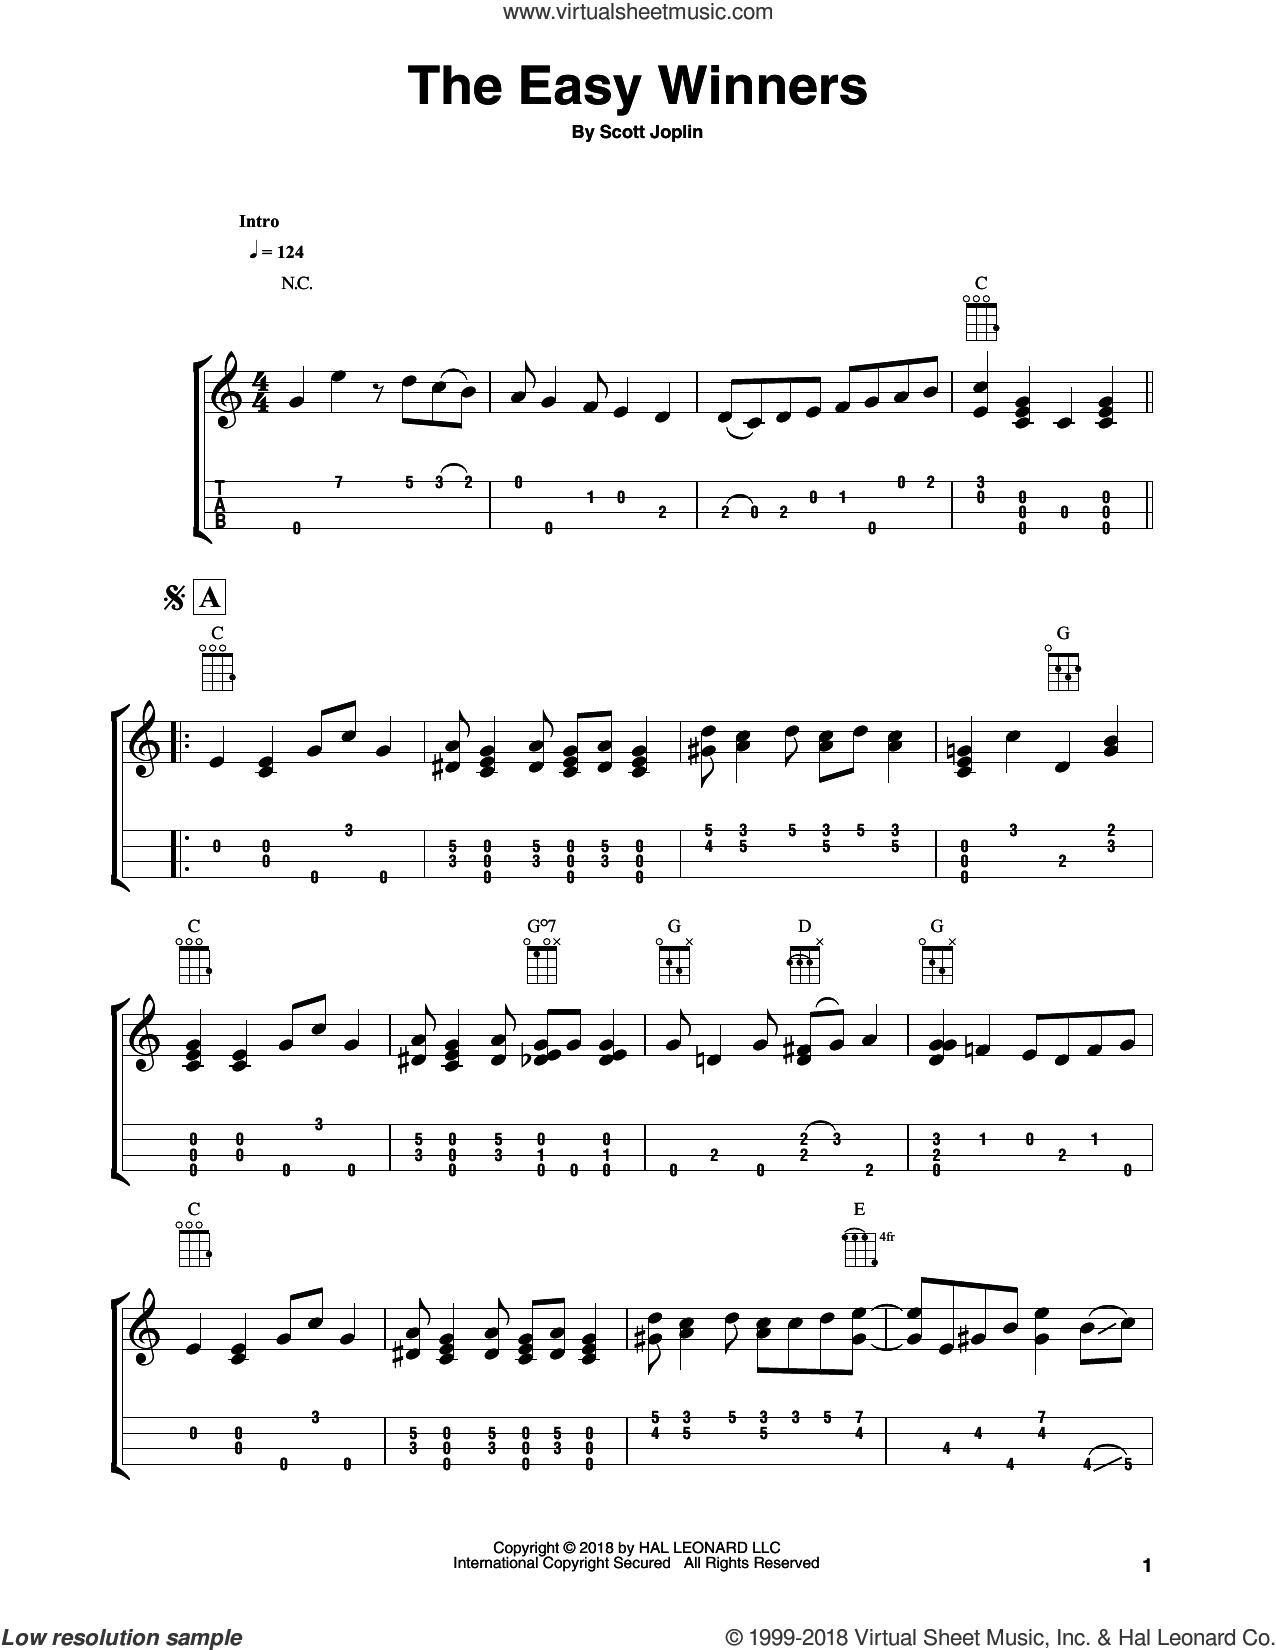 The Easy Winners sheet music for ukulele by Scott Joplin and Fred Sokolow, intermediate skill level